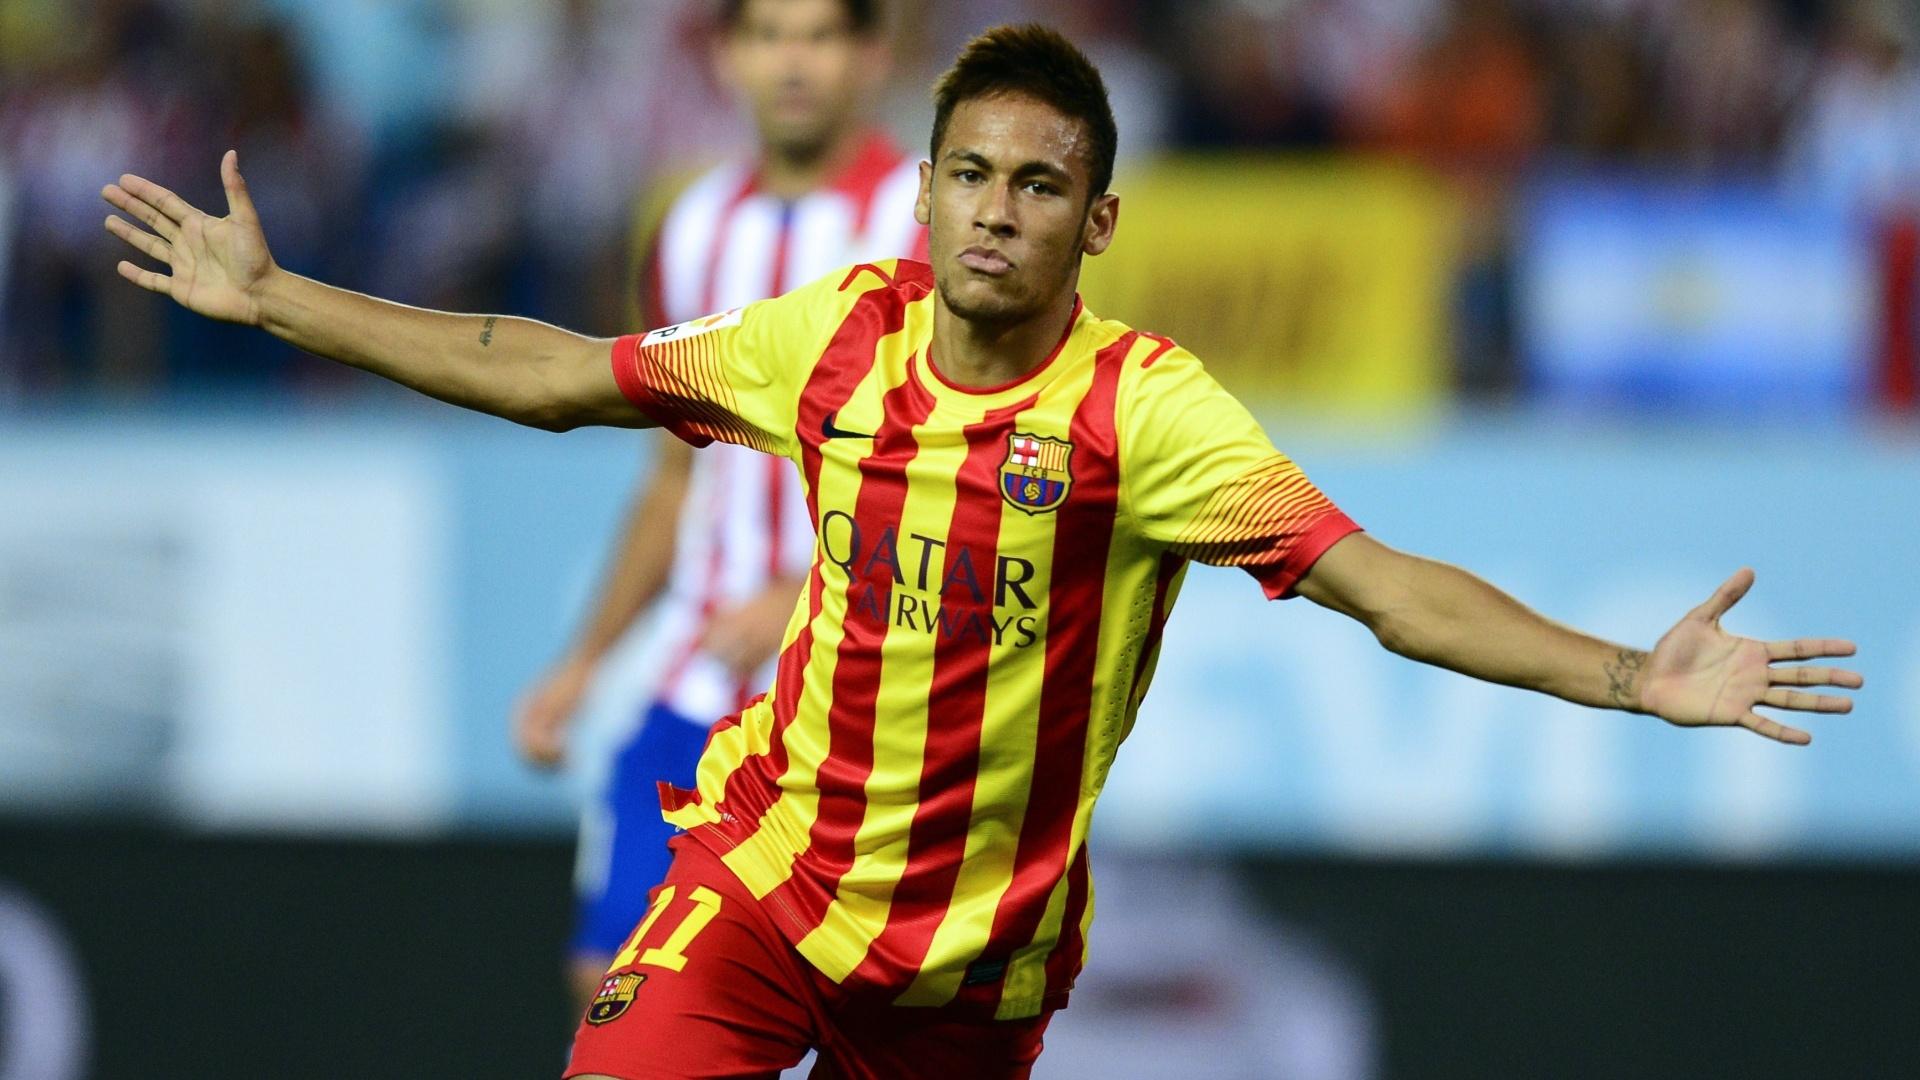 Neymar comemora após marcar pelo Barcelona contra o Atlético de Madri, em agosto de 2013